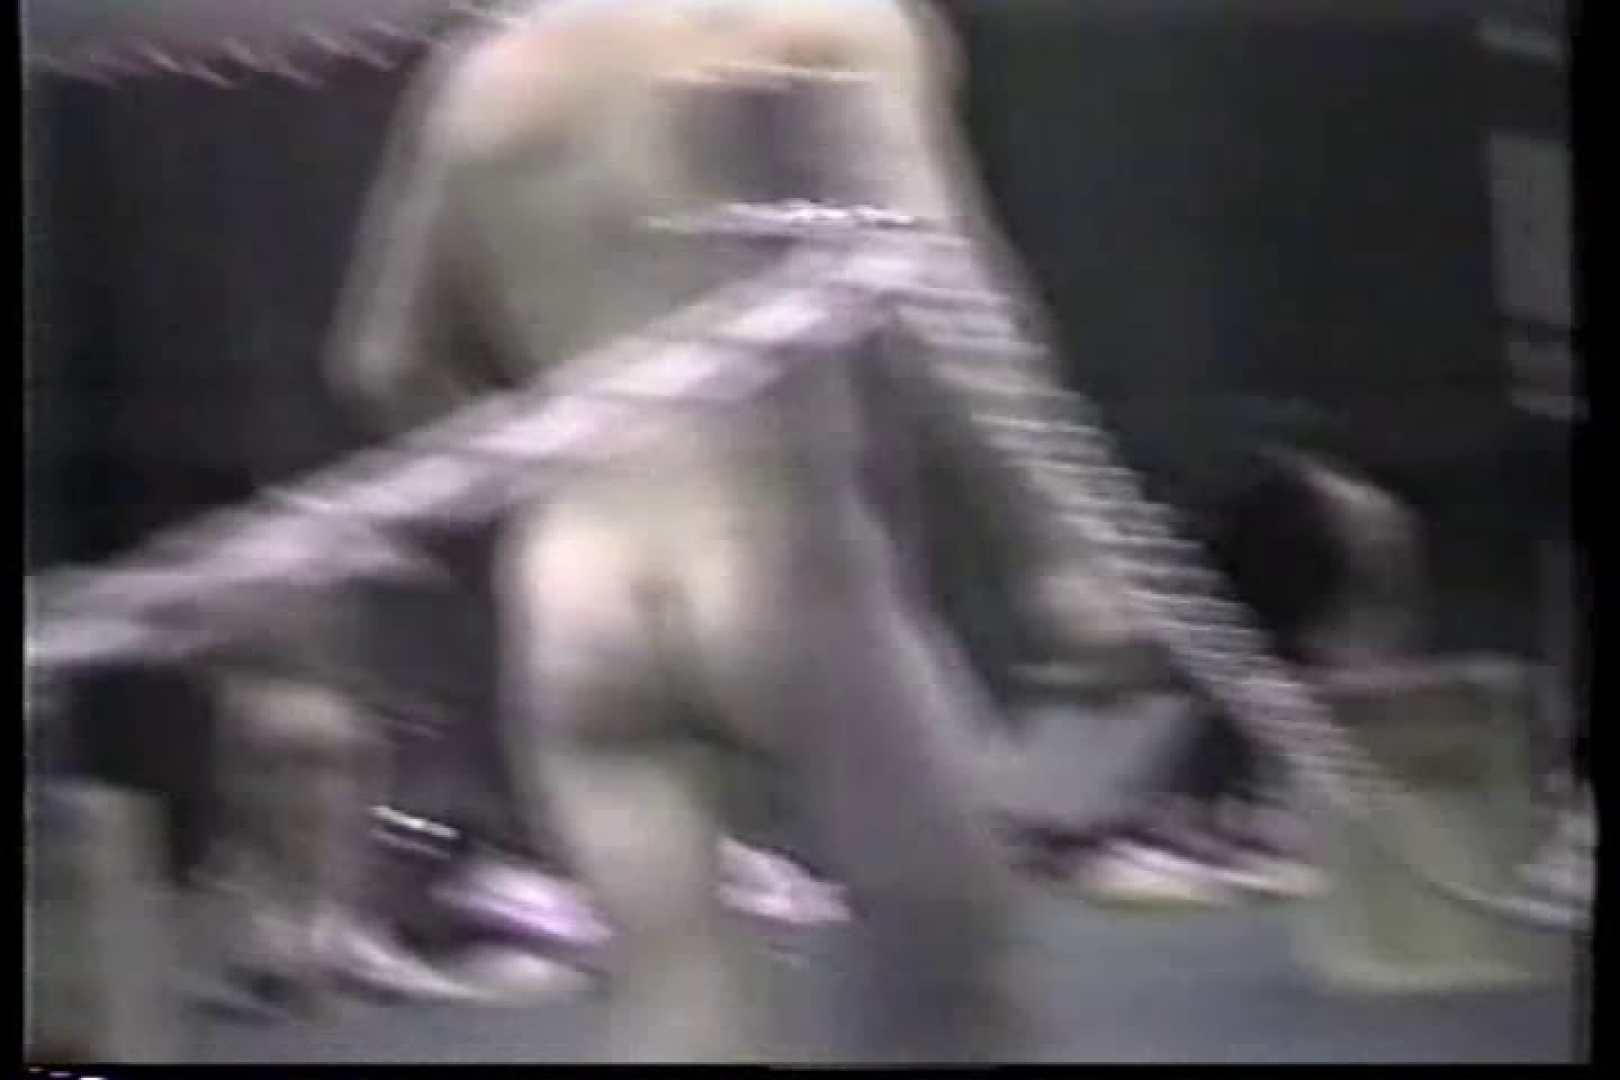 洋人さんの脱衣所を覗いてみました。VOL.5 ボーイズ覗き | ガチムチマッチョ系  80pic 61